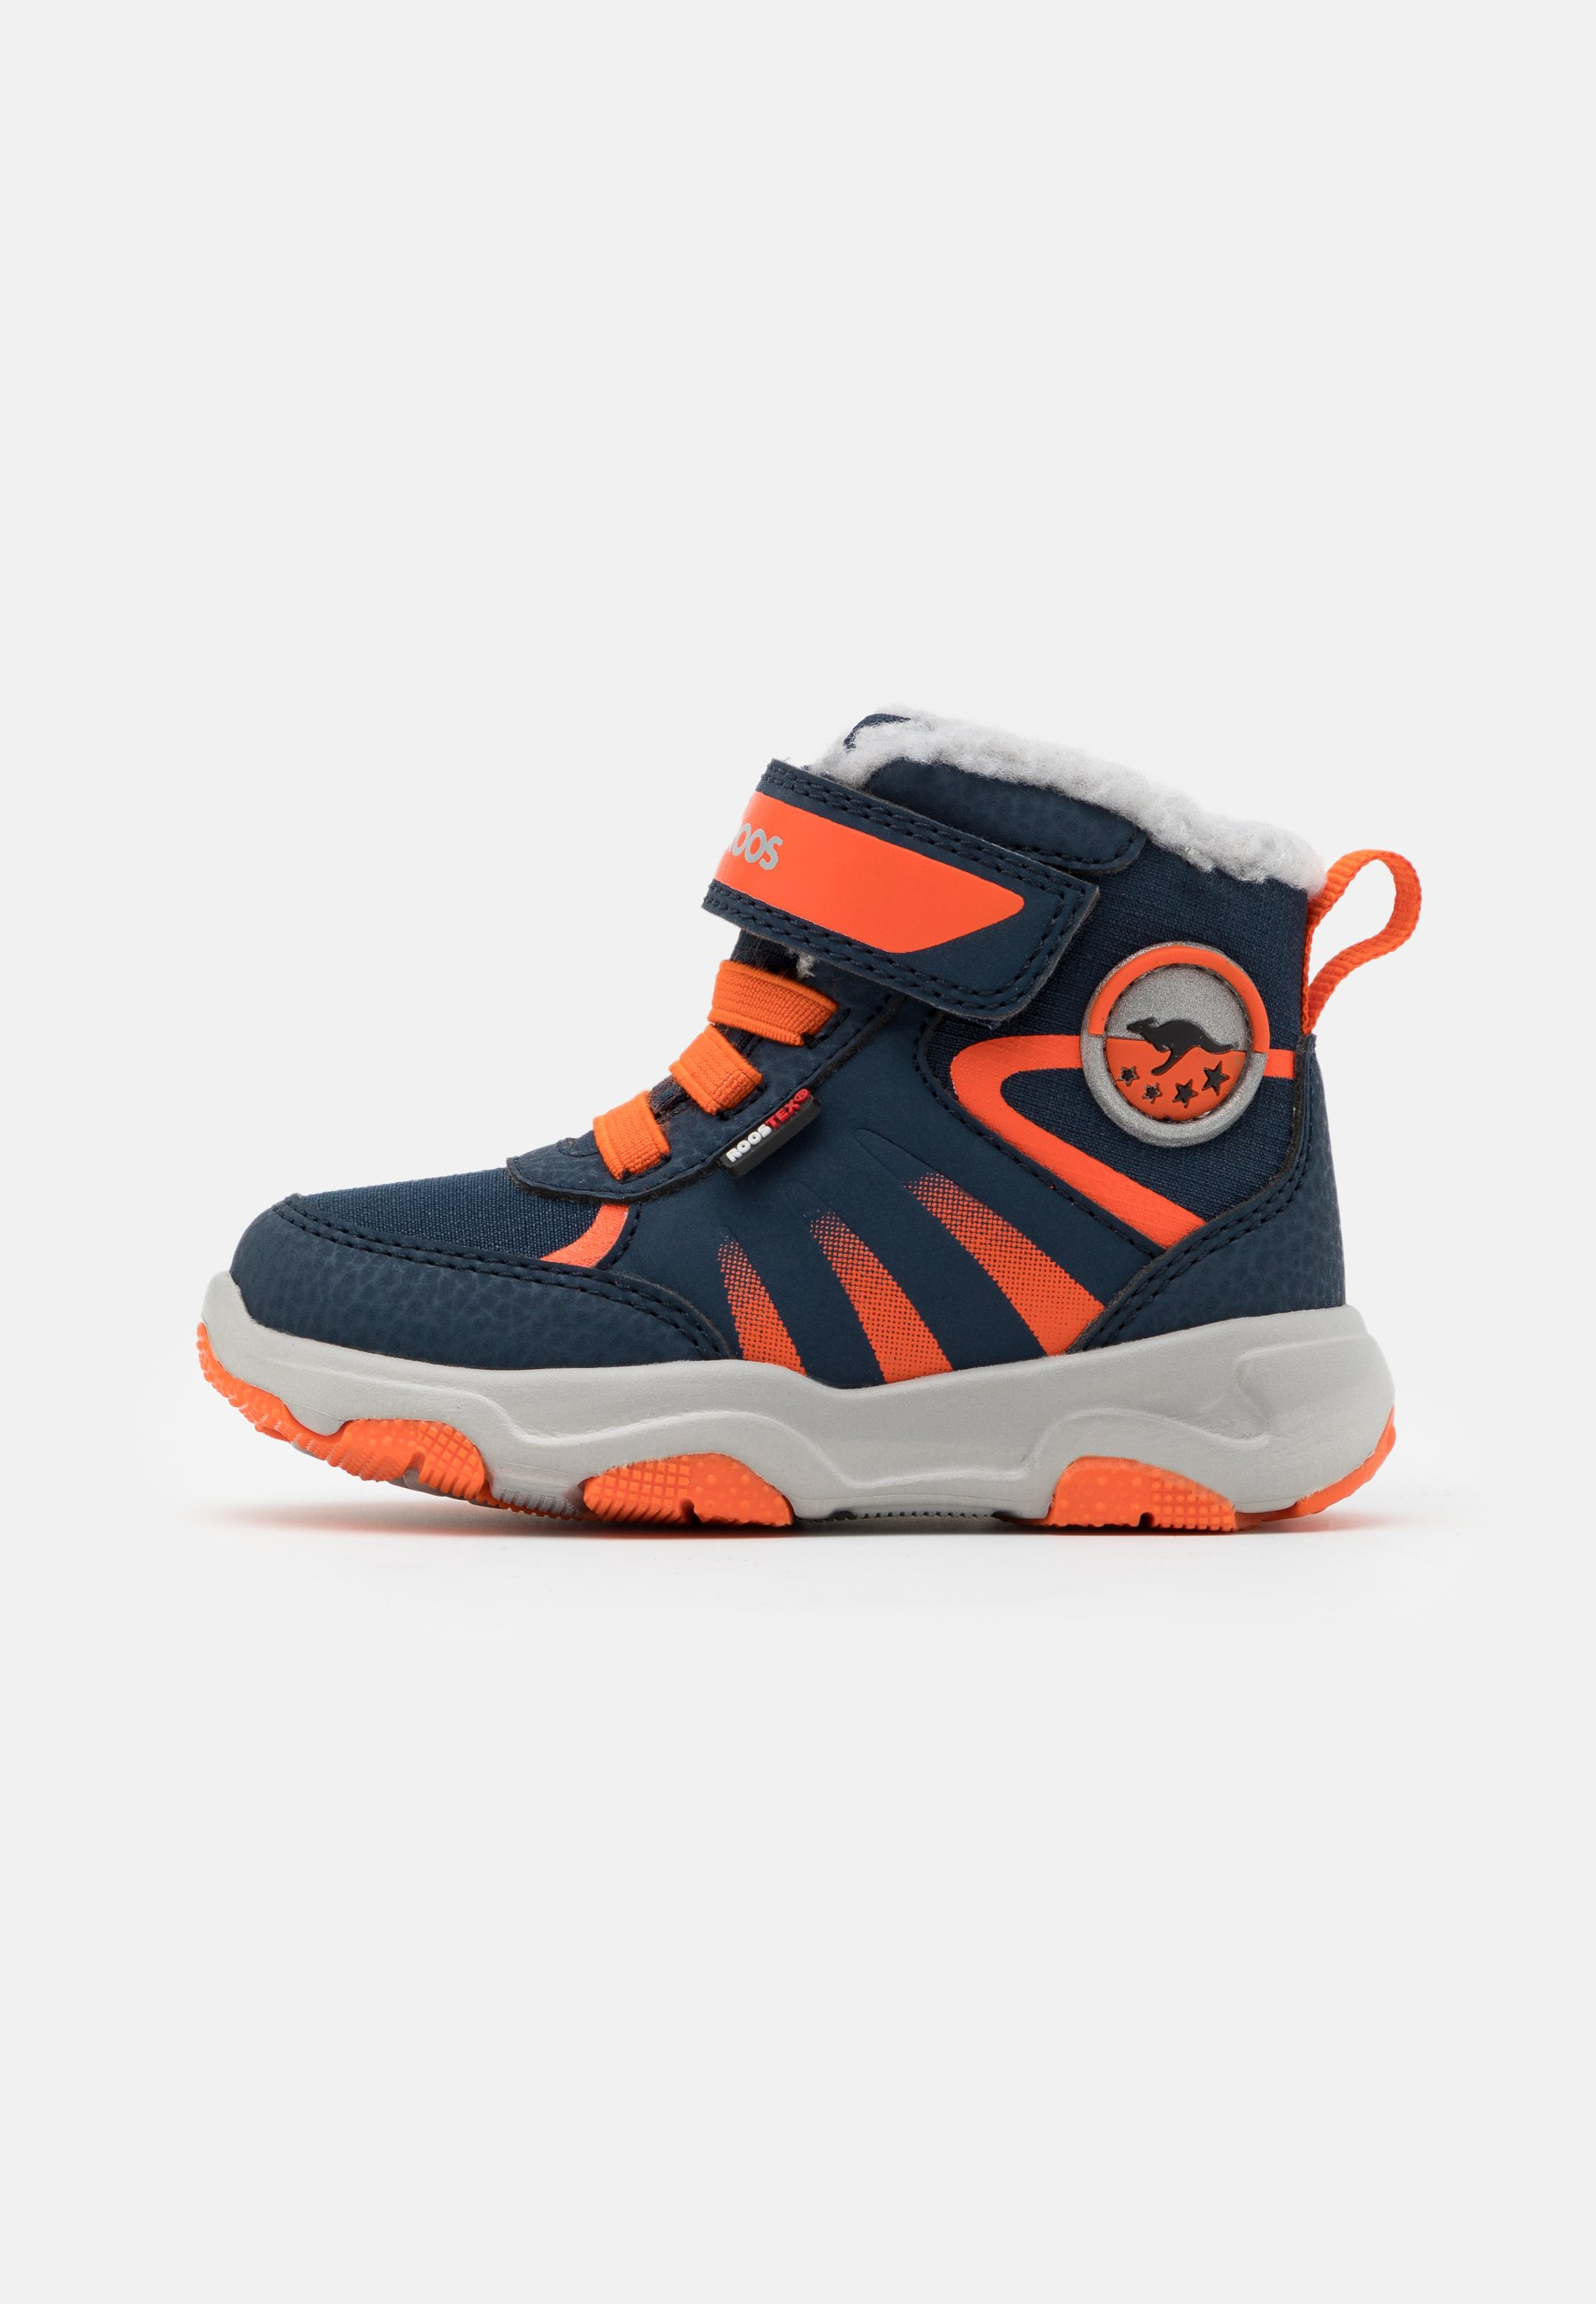 KangaROOS Barnskor online | Köp skor för barn på Zalando.se